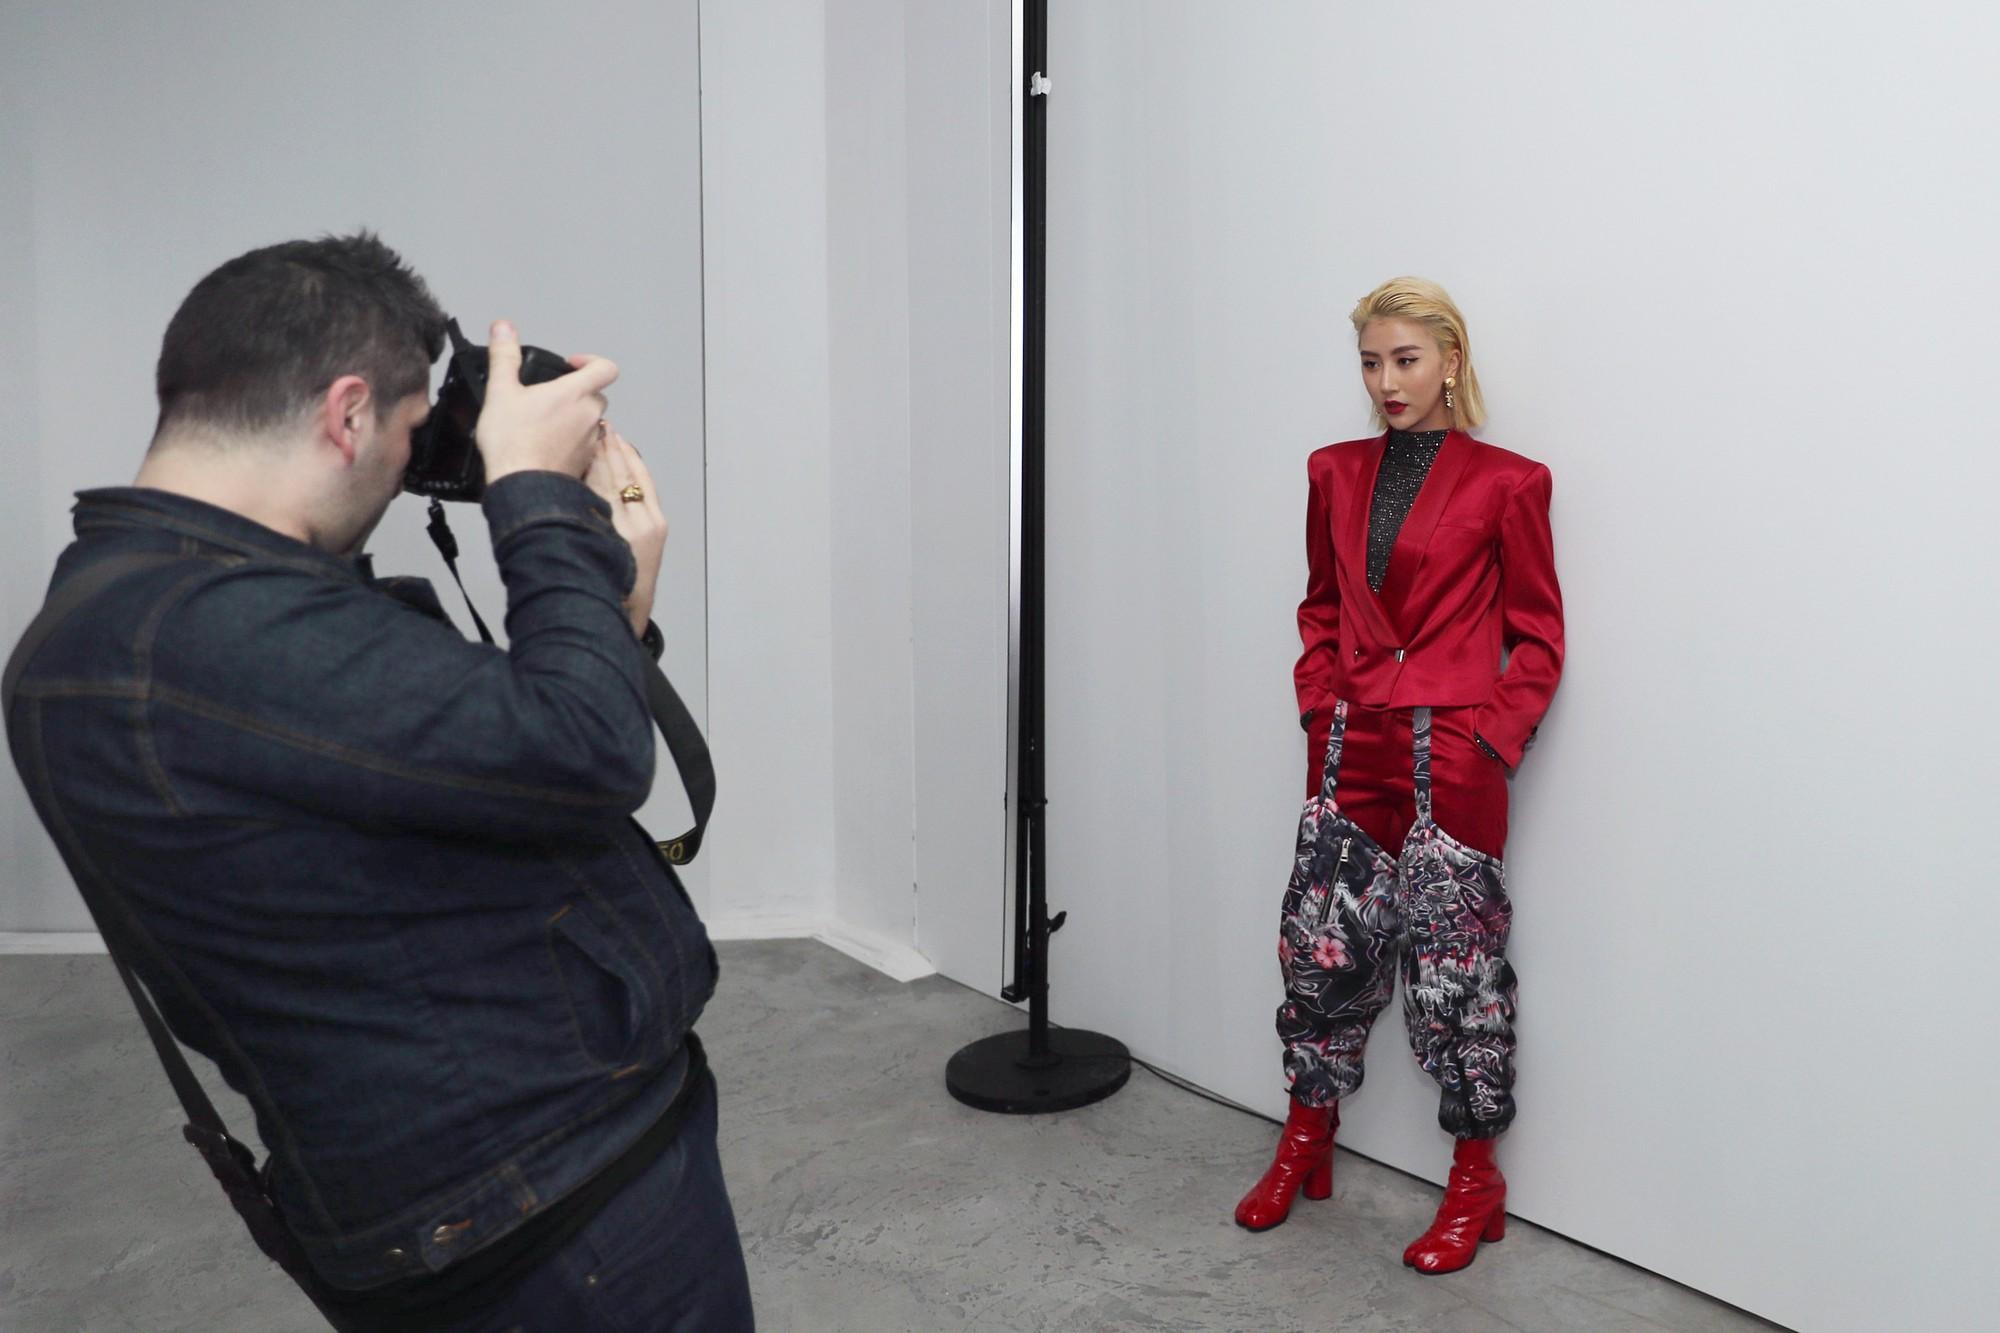 Xét khoản mặc dị tại Paris Fashion Week mùa này, Quỳnh Anh Shyn mà nhận hạng 2 chắc không ai dám làm số 1 - Ảnh 2.